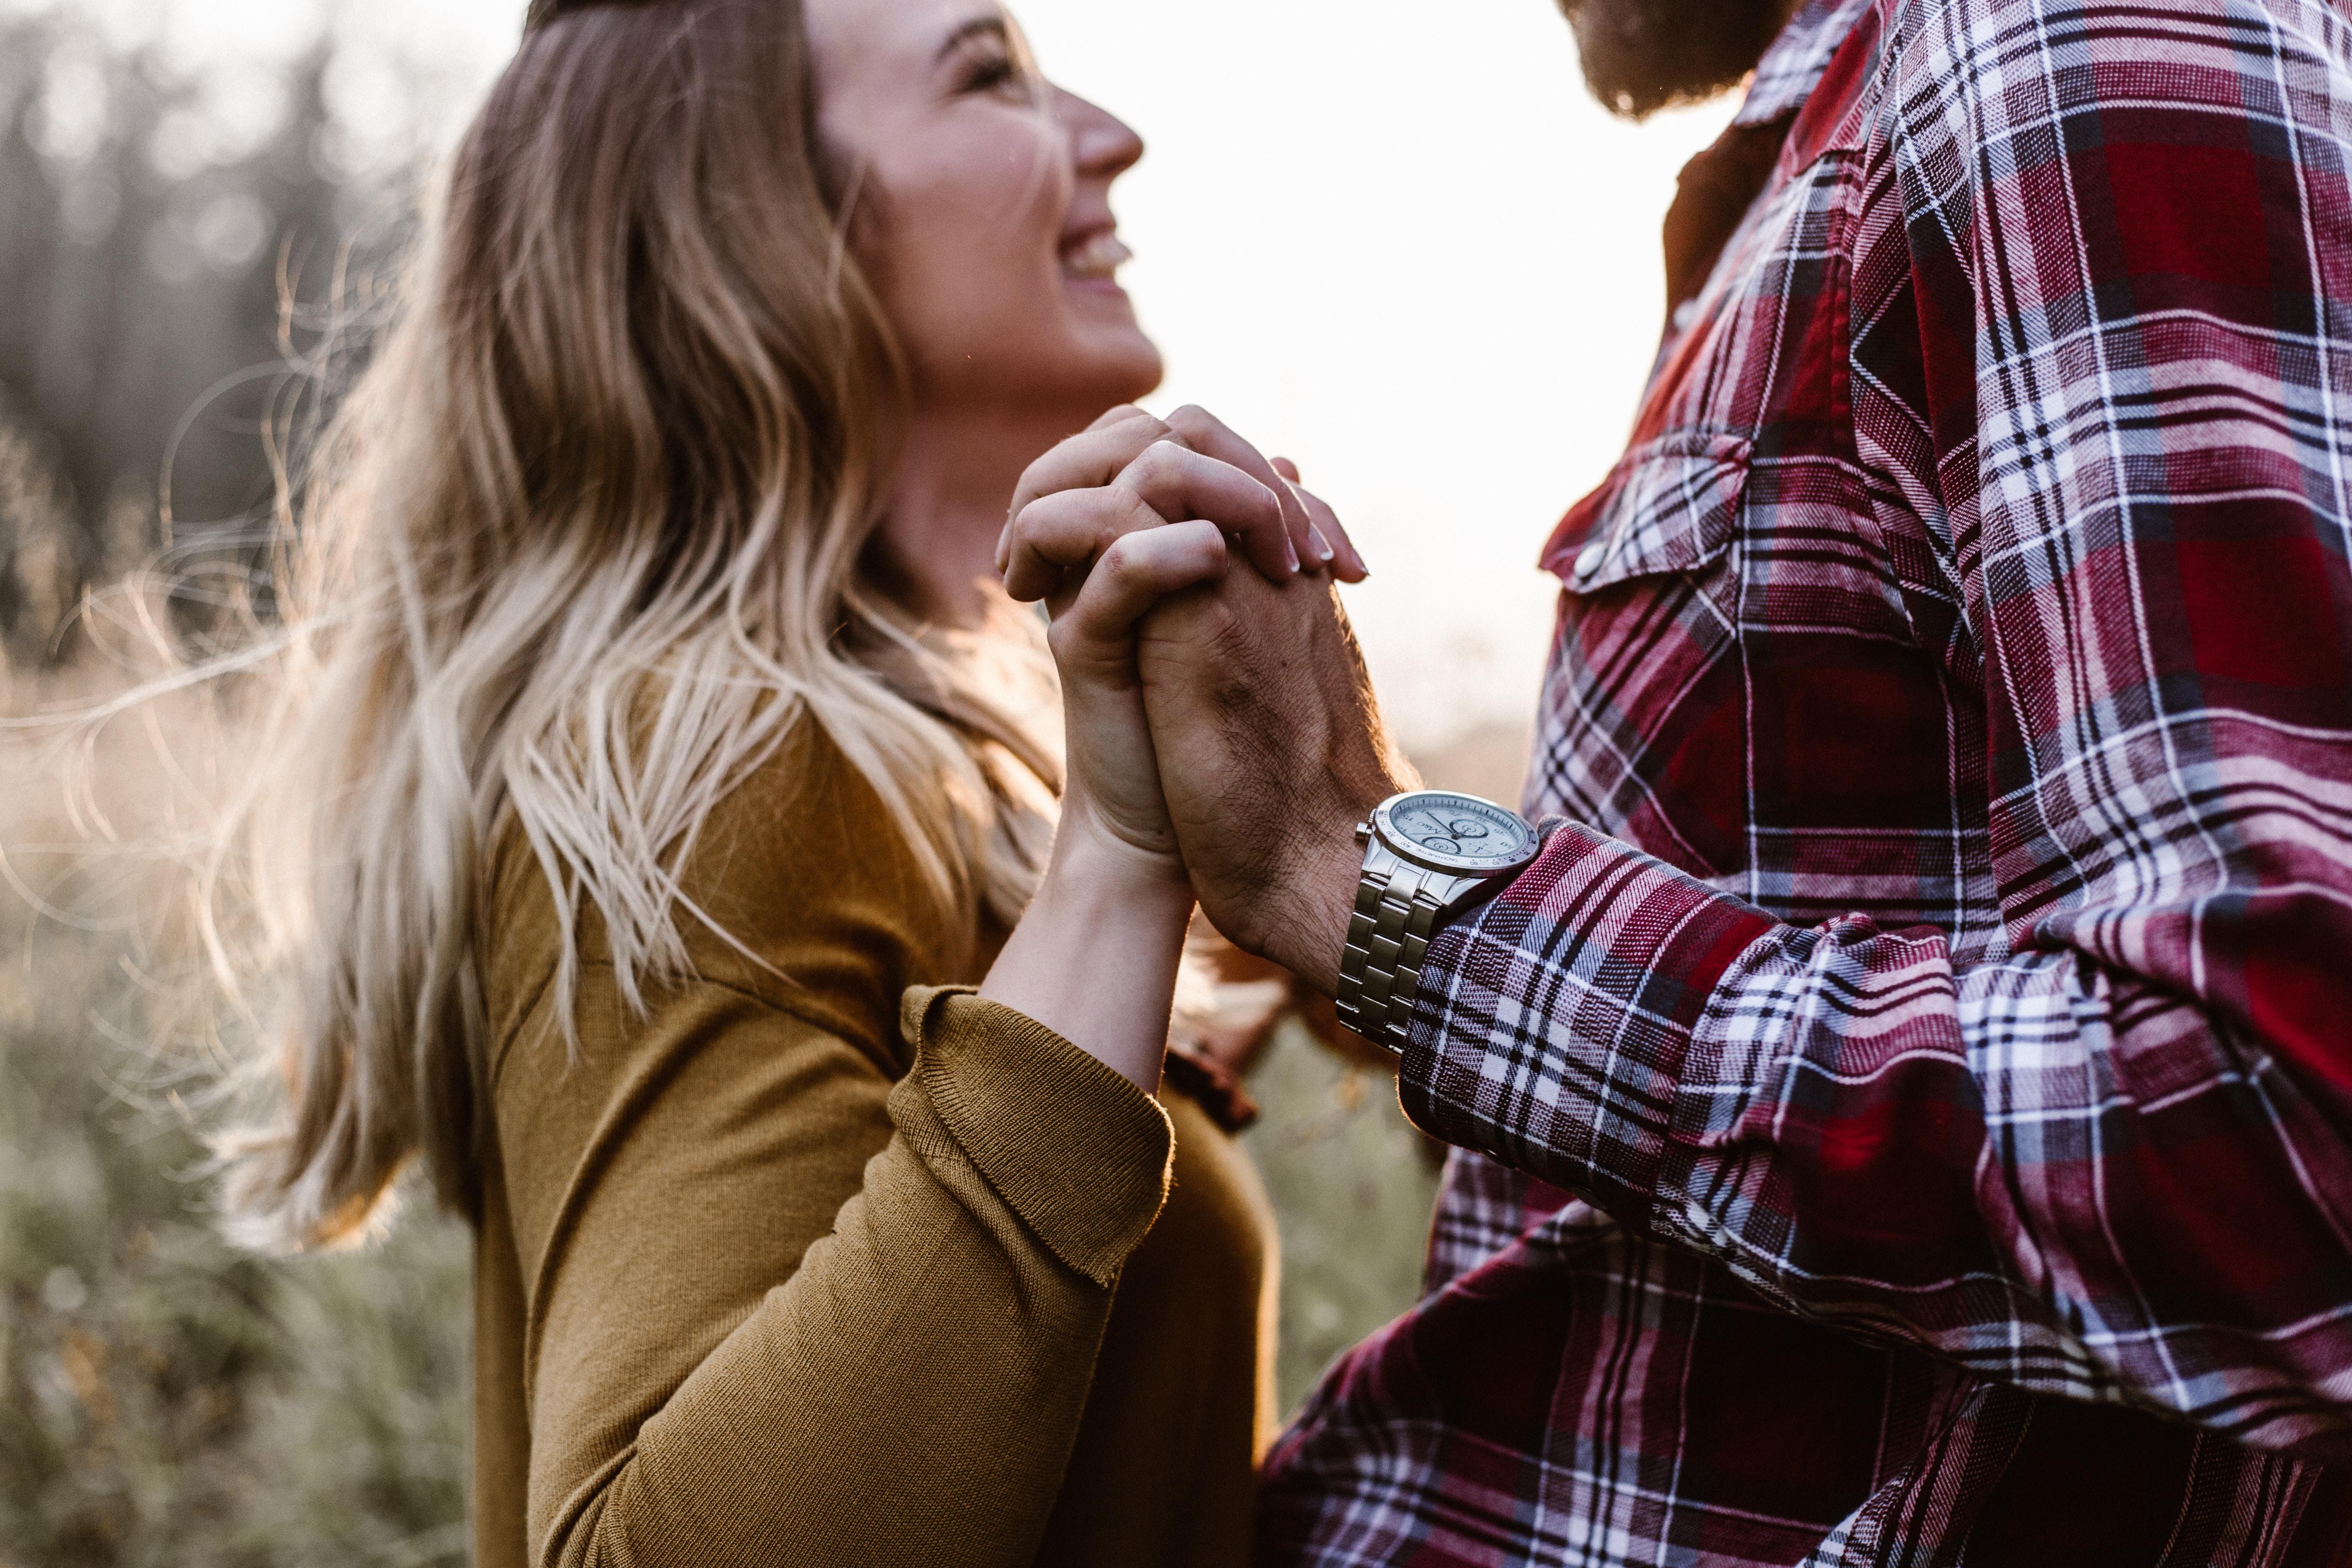 Vårstädning - 4 tips som ger dig en mer harmonisk tillvaro